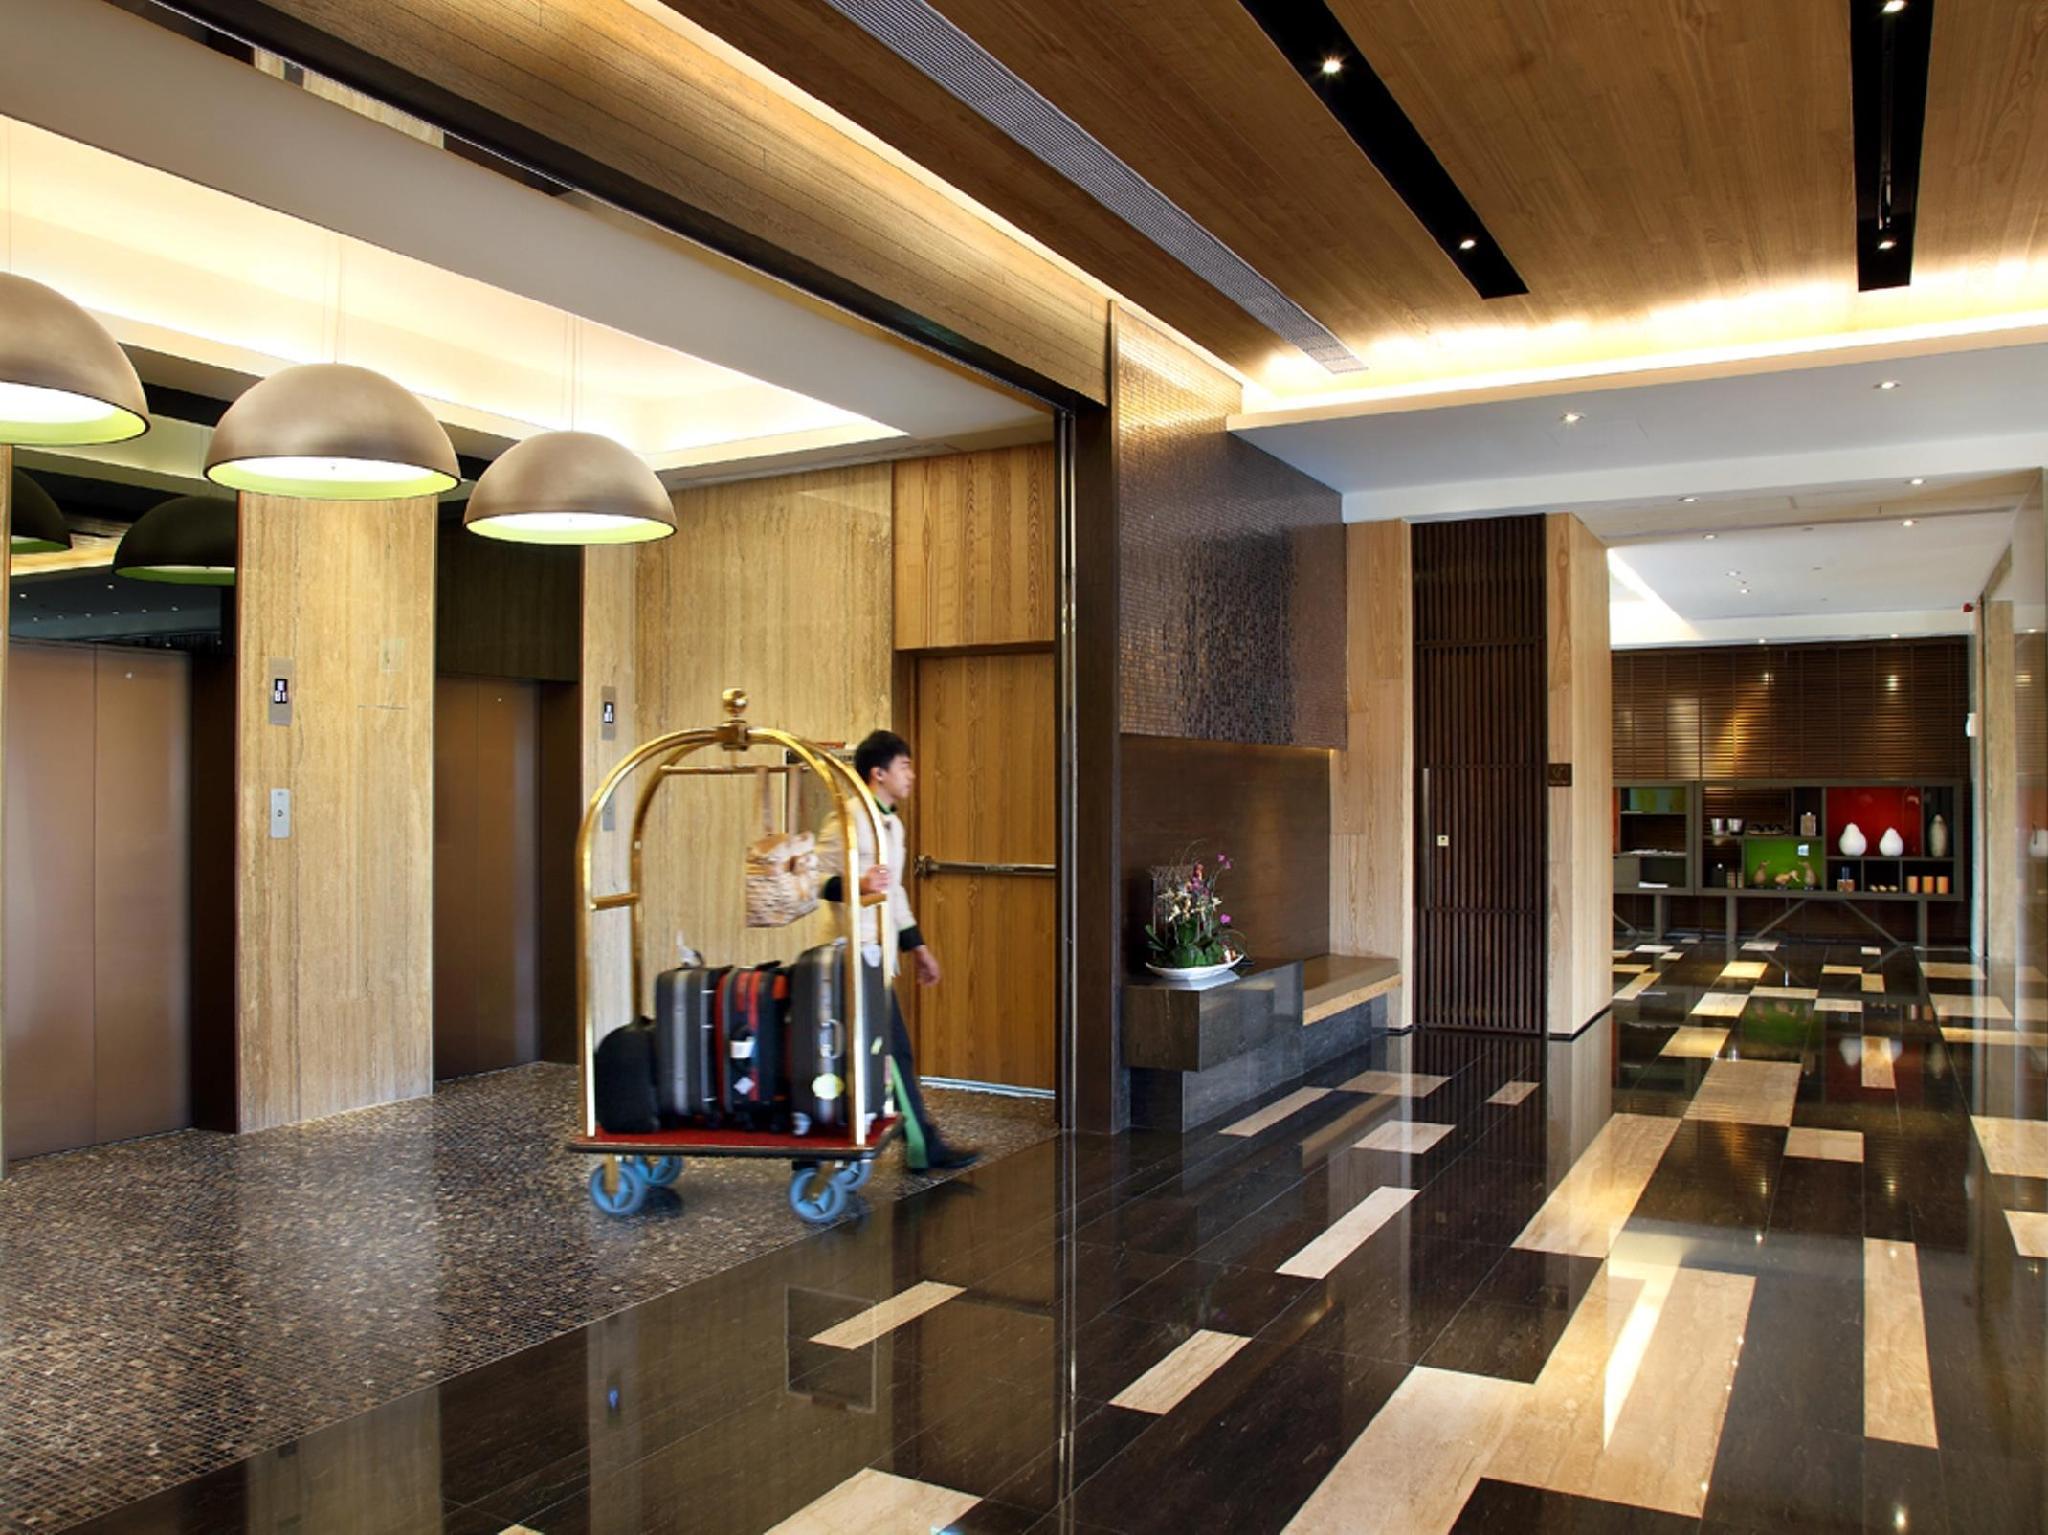 臺北市成旅晶贊飯店 - 臺北蘆洲 (Park City Hotel – Luzhou Taipei) - Agoda 提供行程前一刻網上即時優惠價格訂房服務